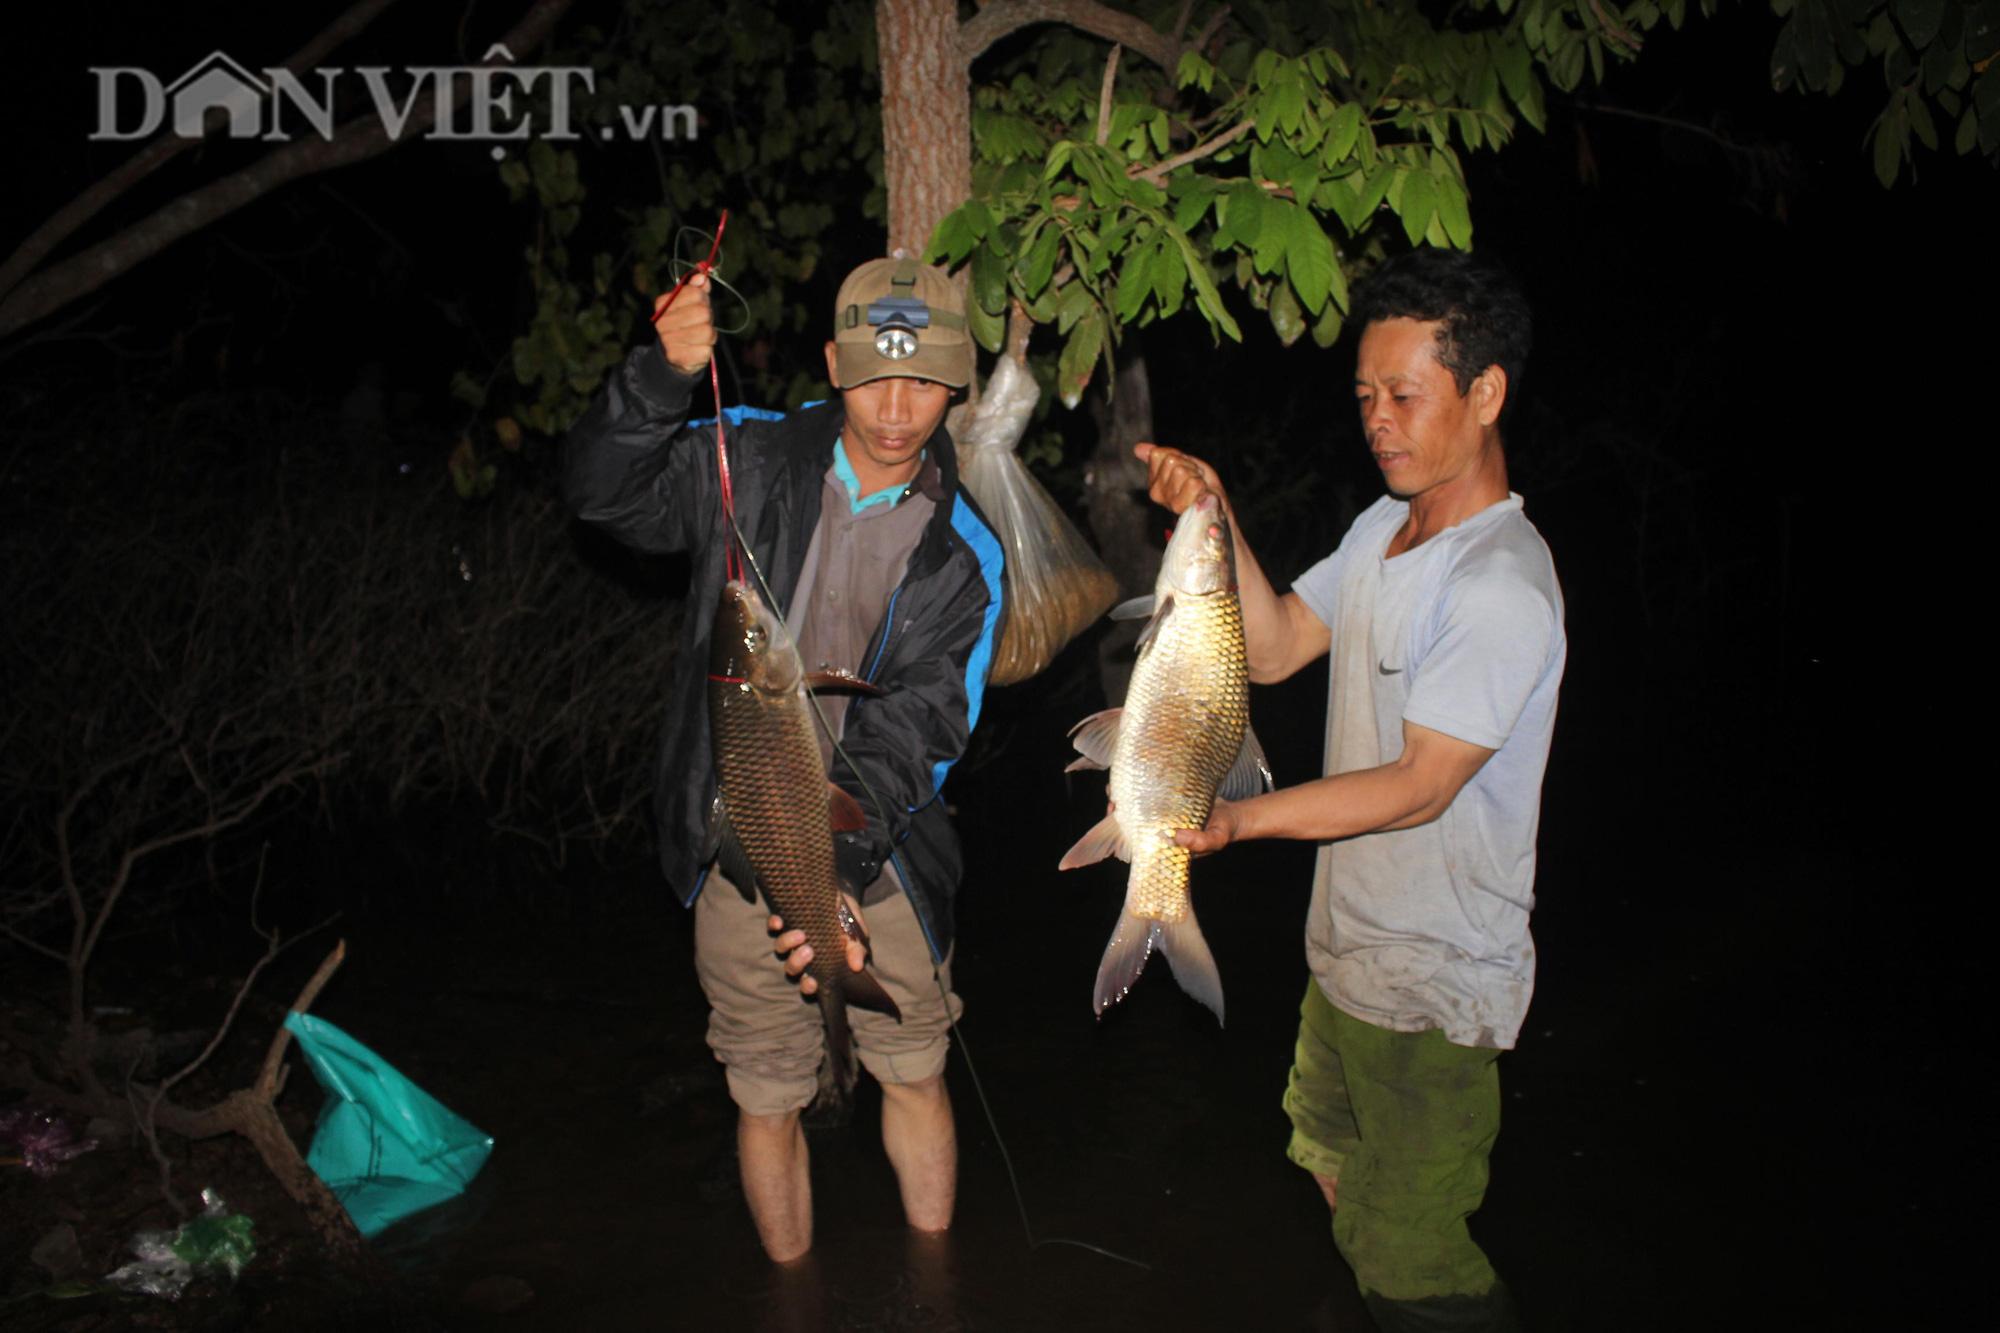 Trắng đêm cùng thợ câu săn cá khủng giữa rừng - Ảnh 3.